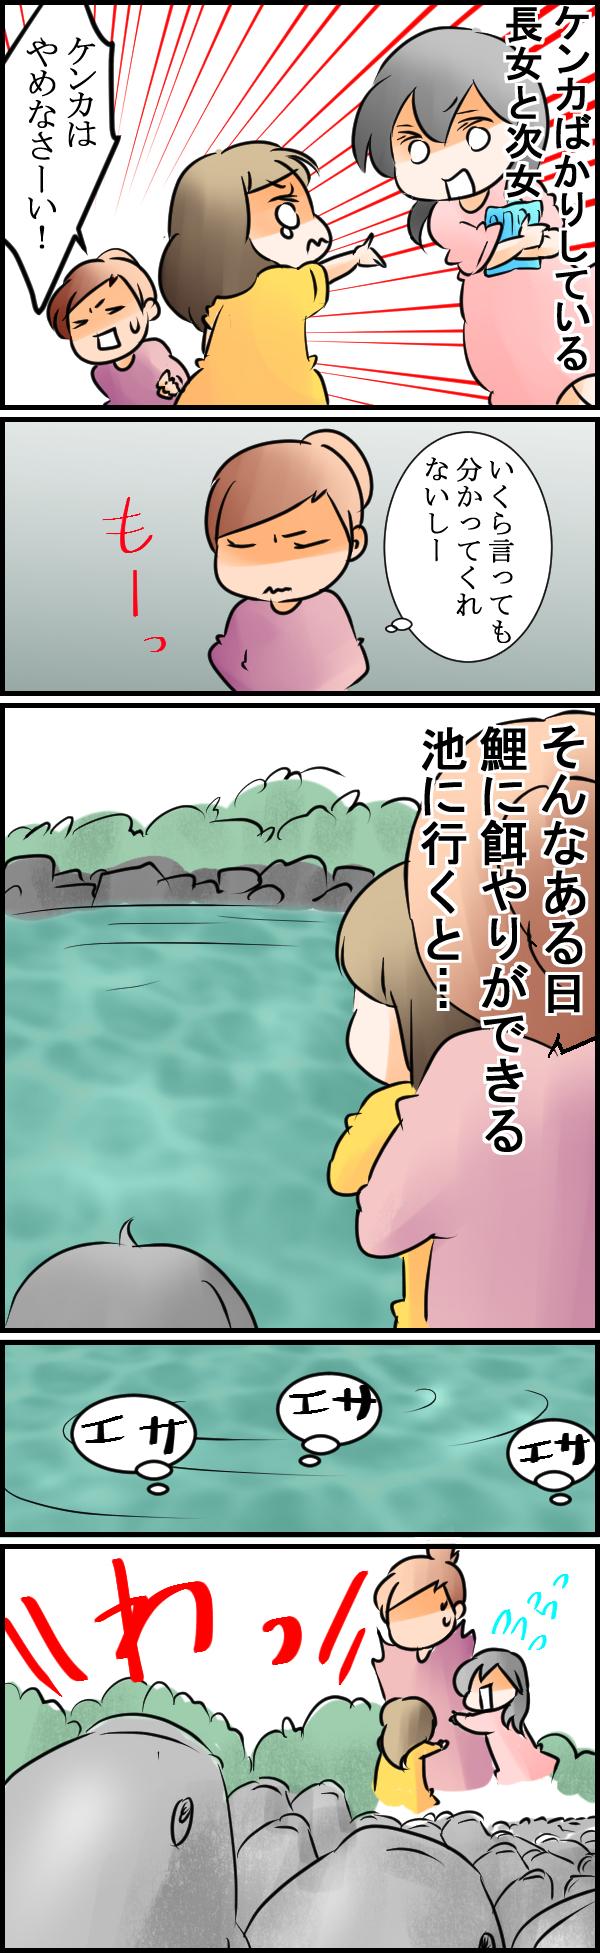 あ、それ言っちゃう?(笑)喧嘩ばかりの次女が鯉の餌やりで放ったひとことの画像1